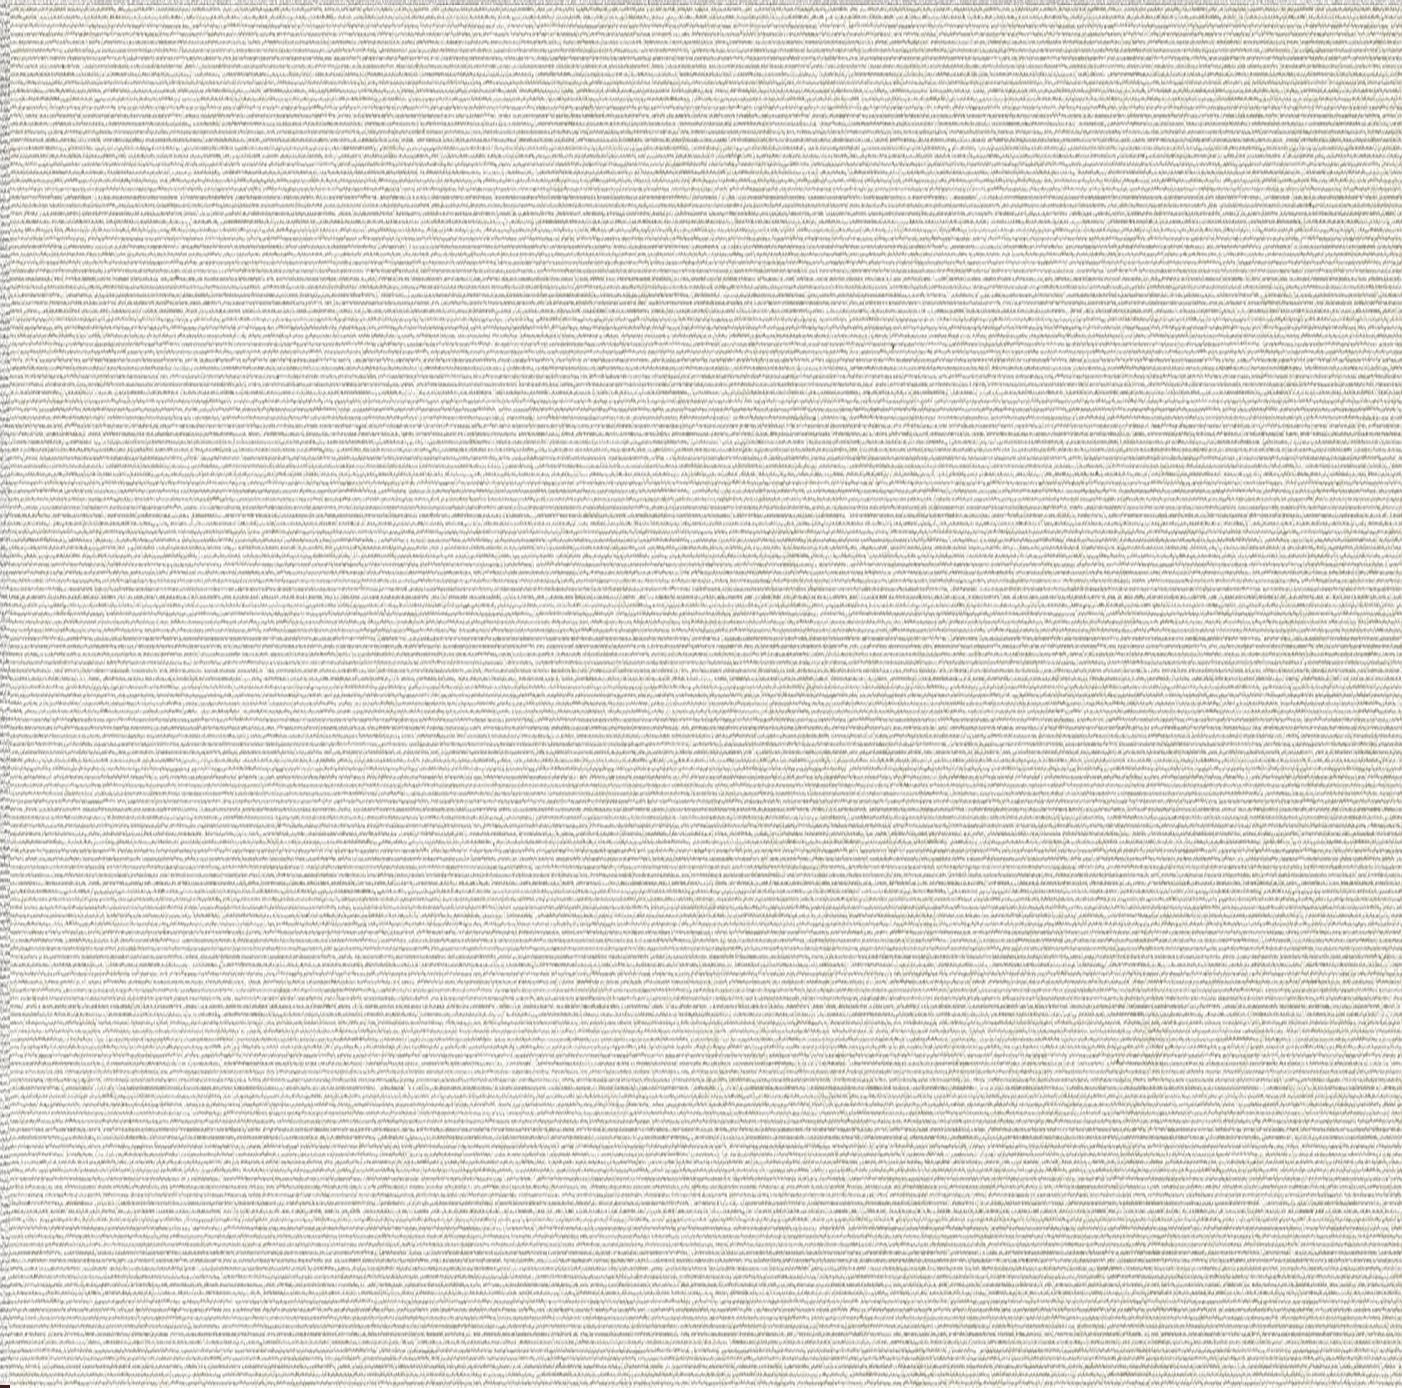 Купить Керамогранит Ibero Elevation White Rect B-89 напольный 60х60, Испания